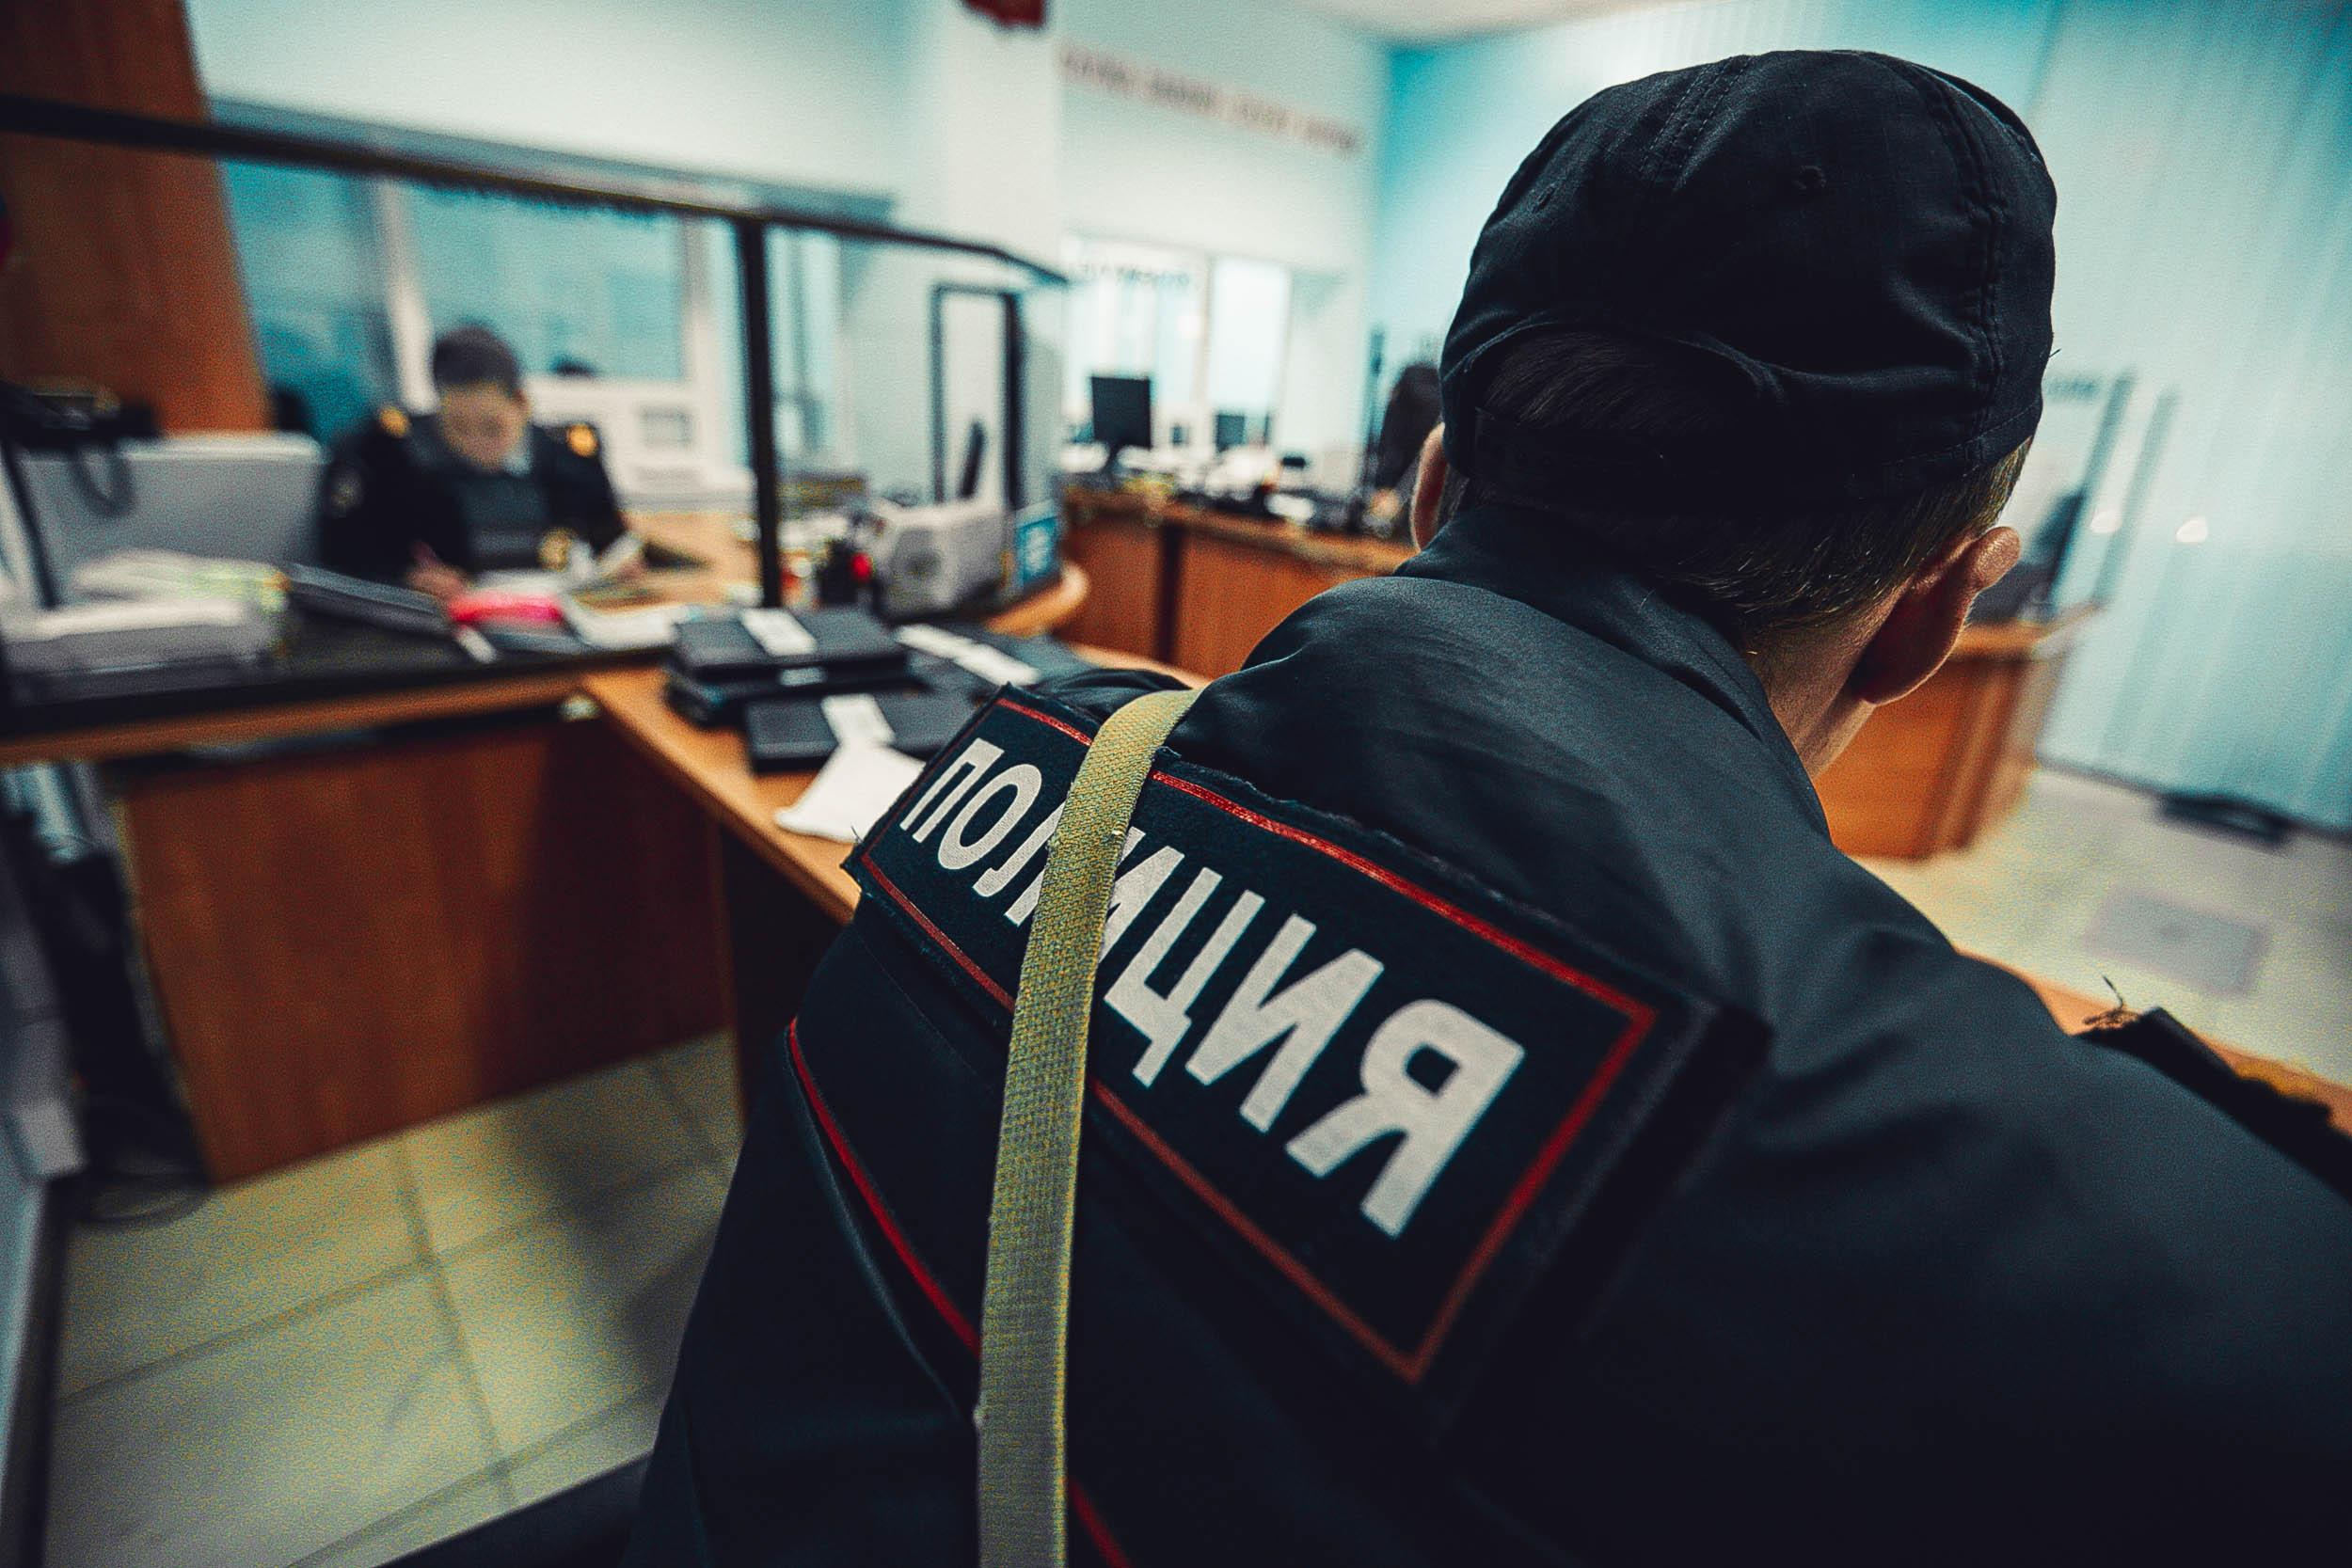 ВОрле суд арестовал основного имама региона и 2-х его сыновей